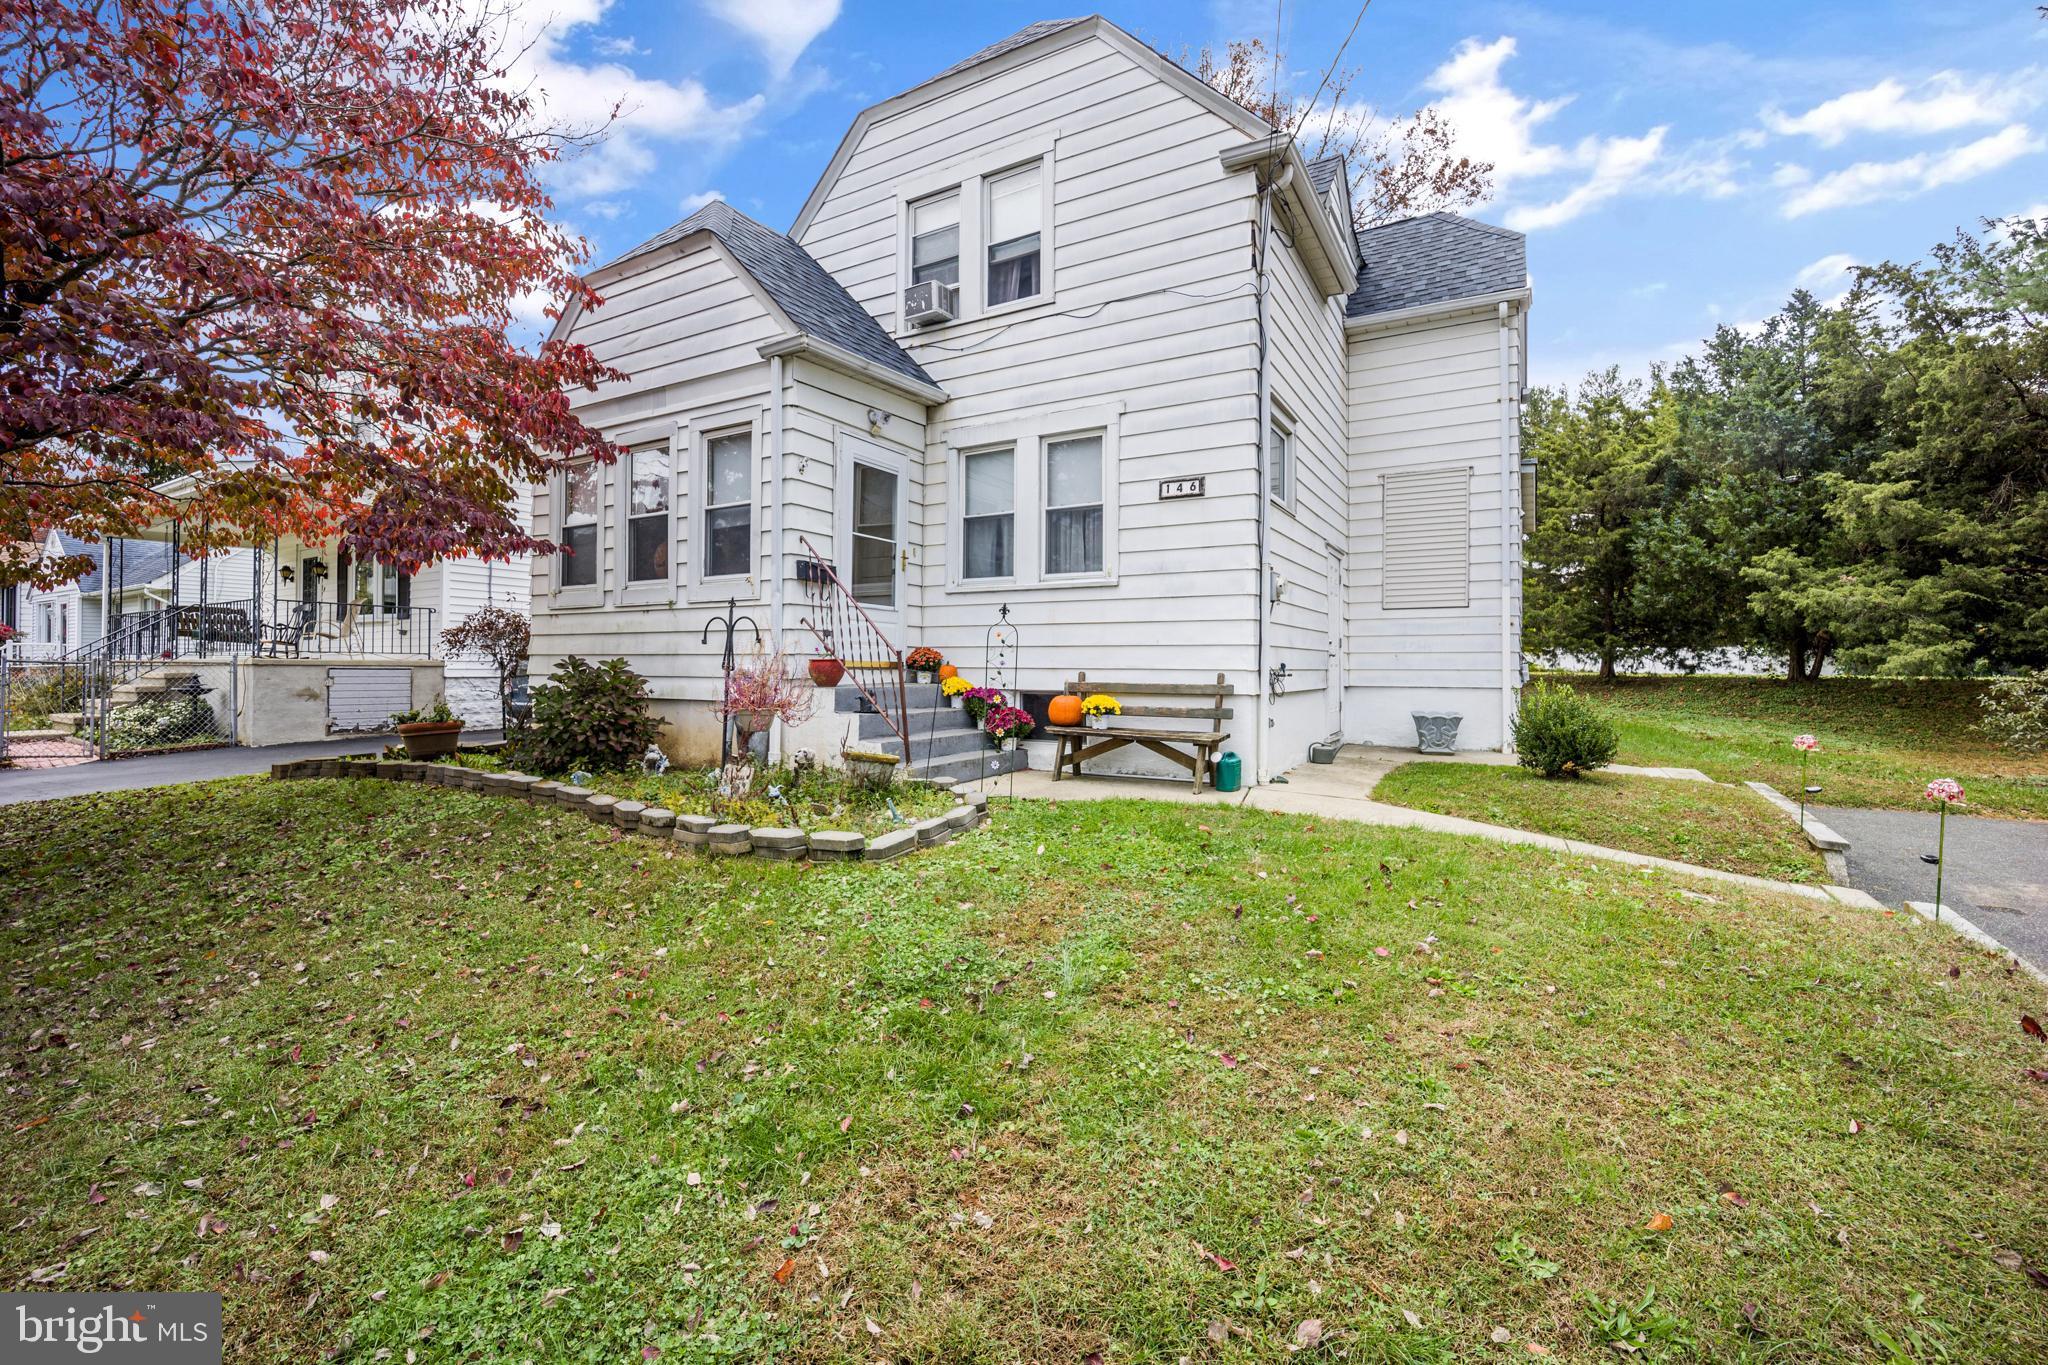 146 Van Kannel Avenue, Trenton, NJ 08620